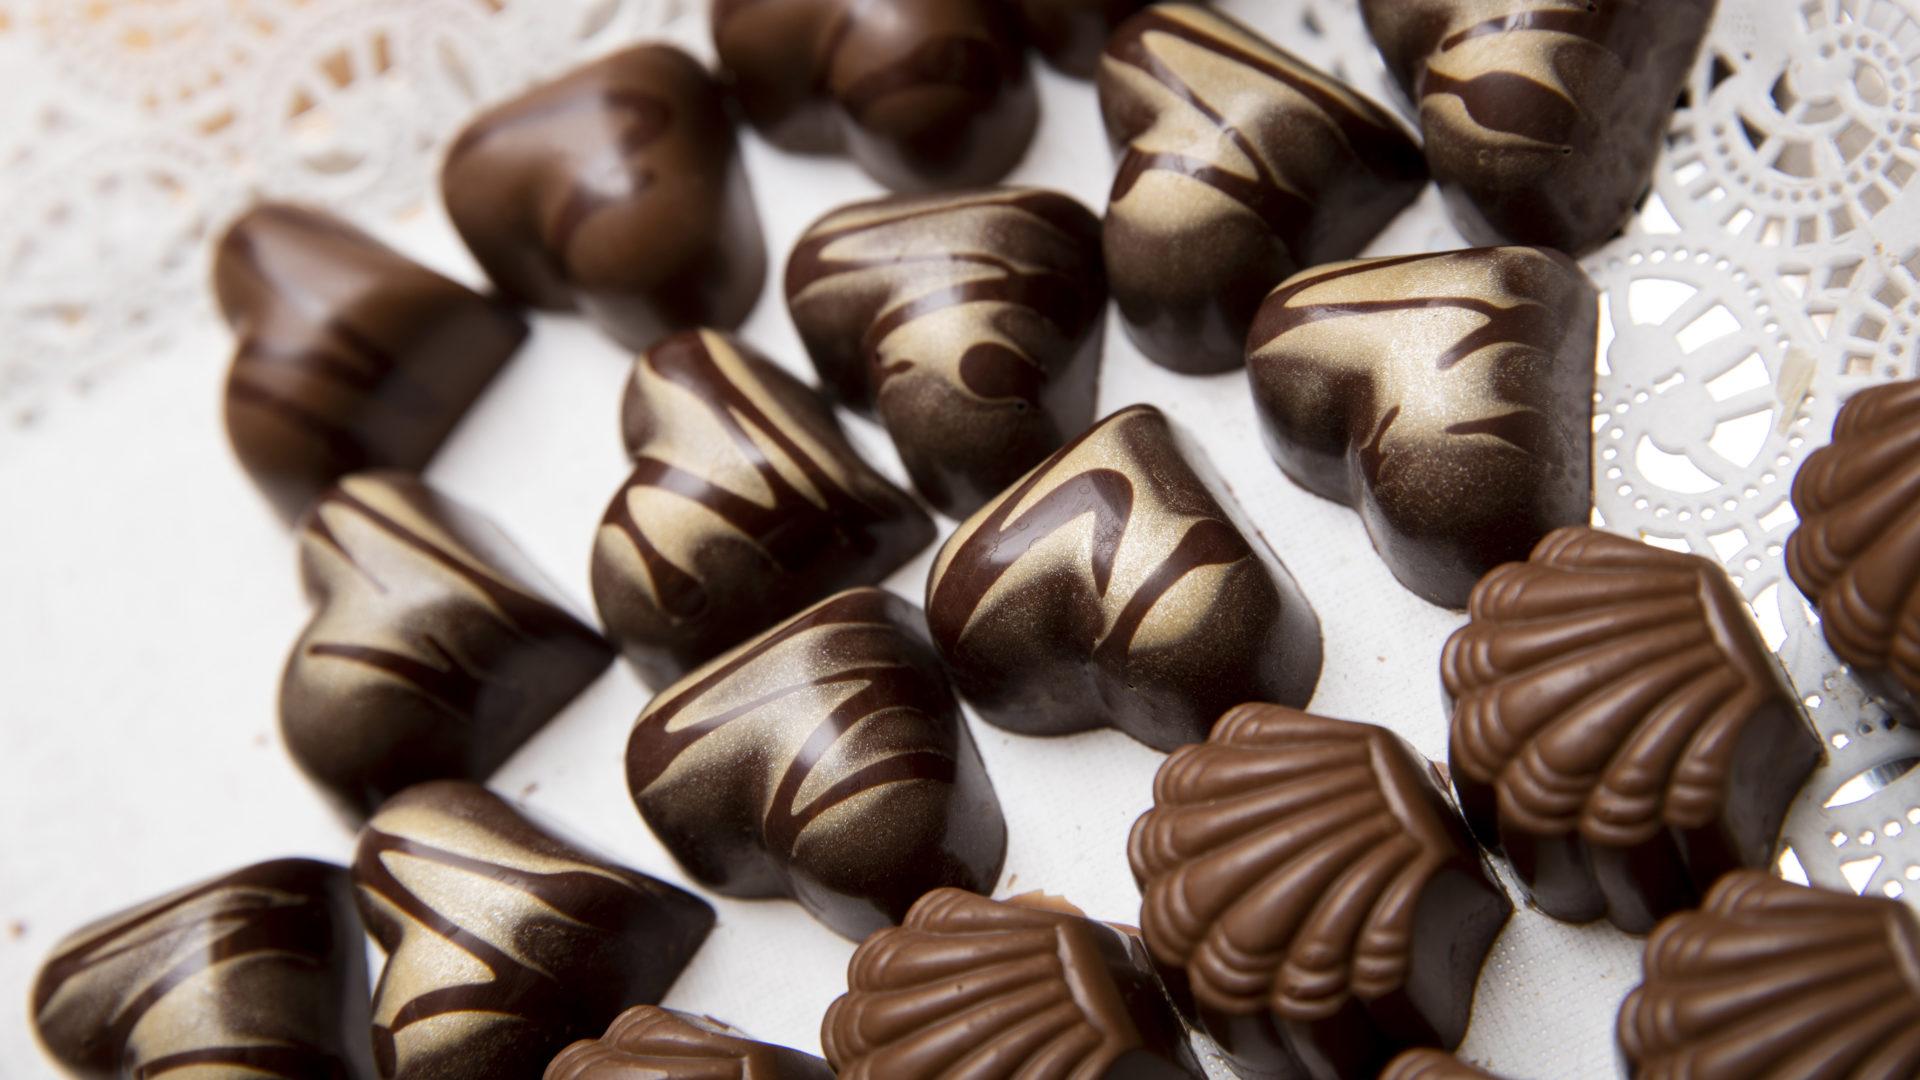 Suklaasta syntyy monenlaisia tuotteita. Kuvassa keskellä keskieurooppalaistyyppinen tumma ja täyteläinen ganash.